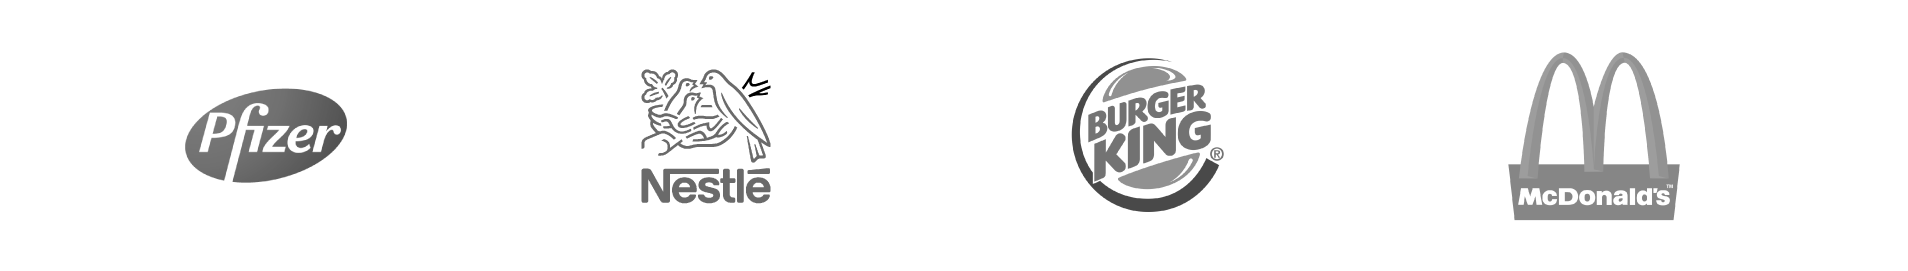 logos-2